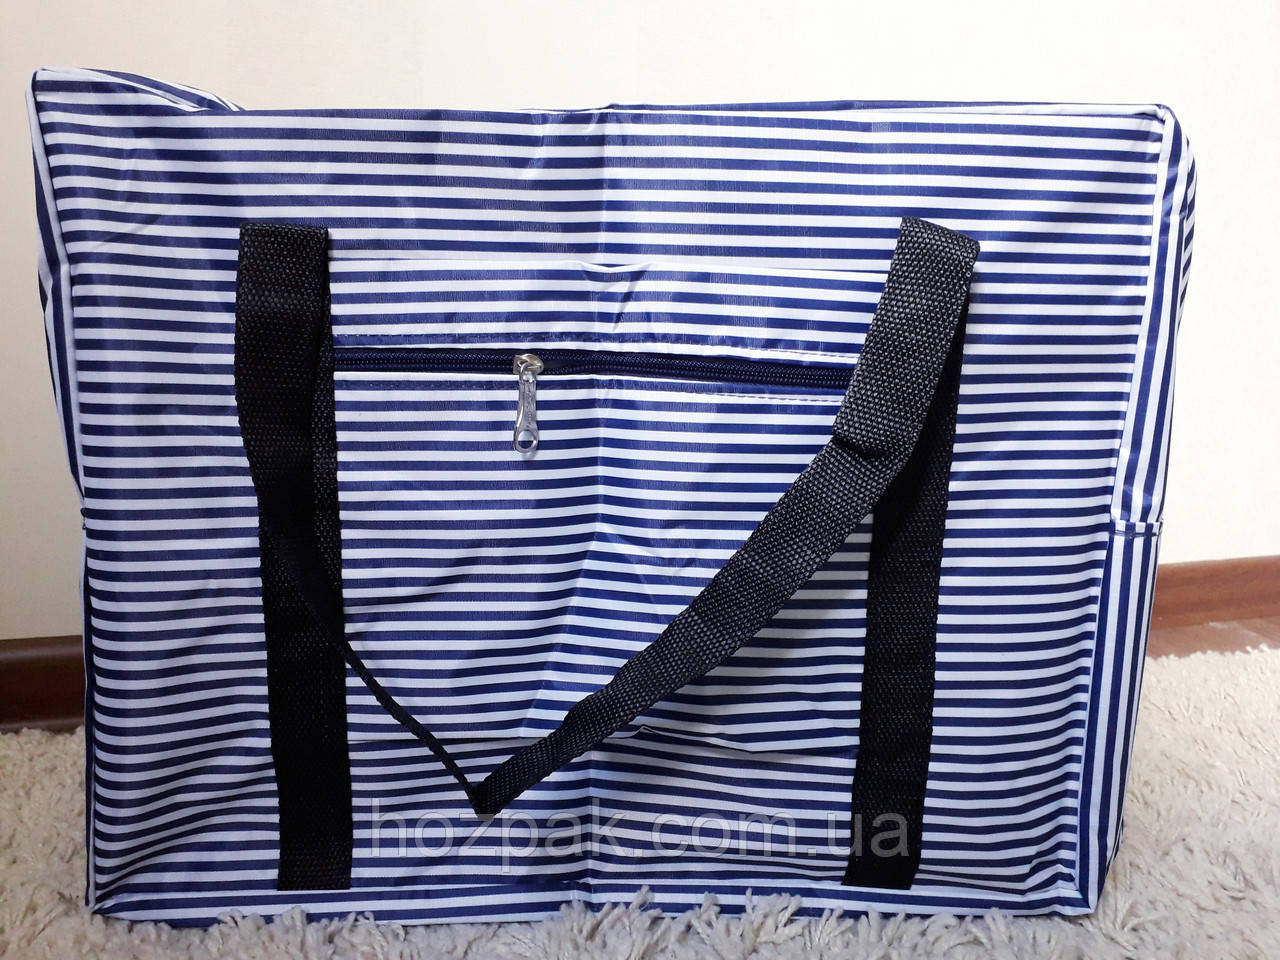 Ткани на сумки купить ацетатный шелк что это